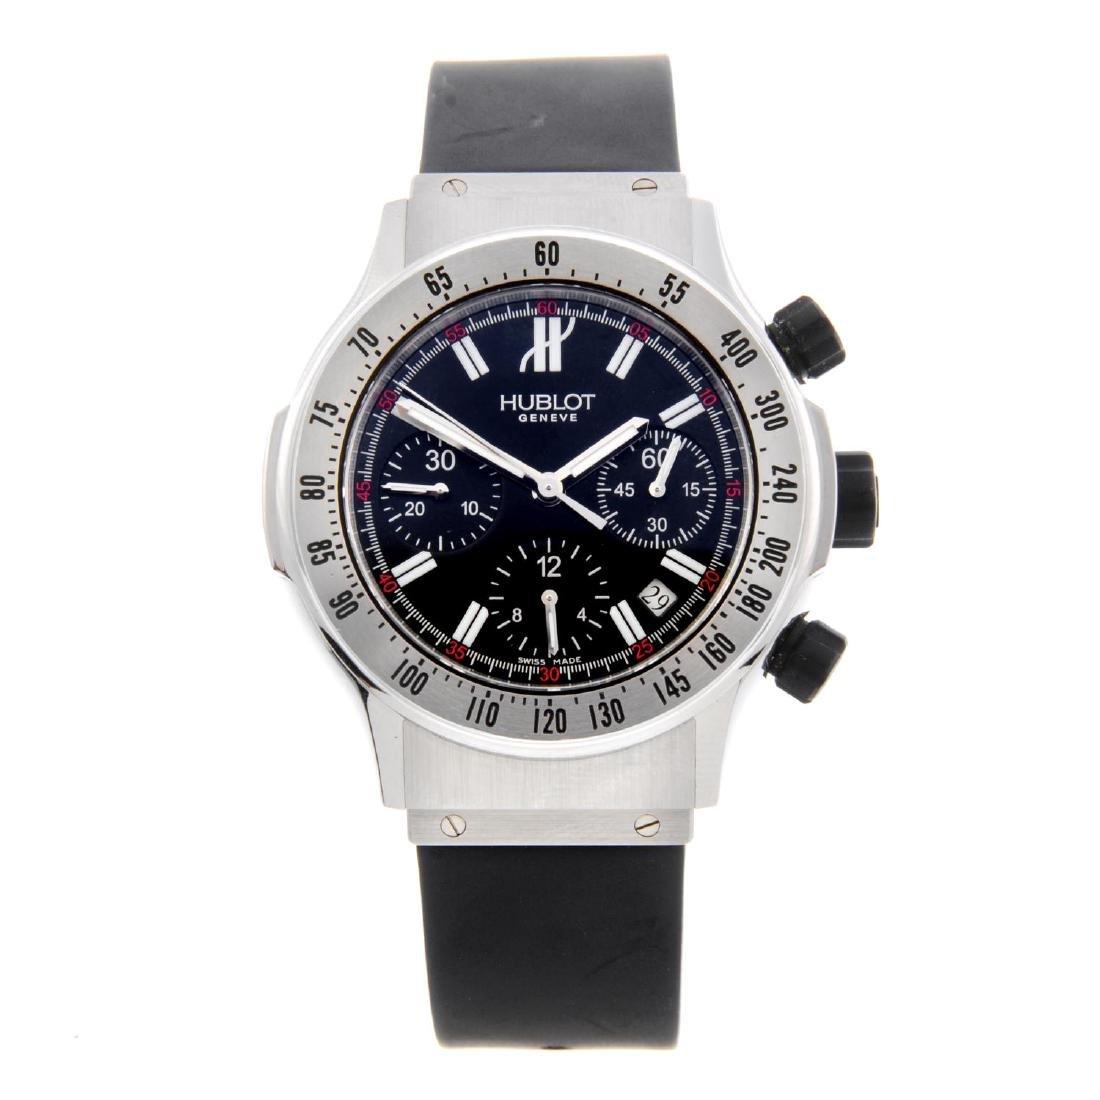 HUBLOT - a gentleman's Super B chronograph wrist watch.